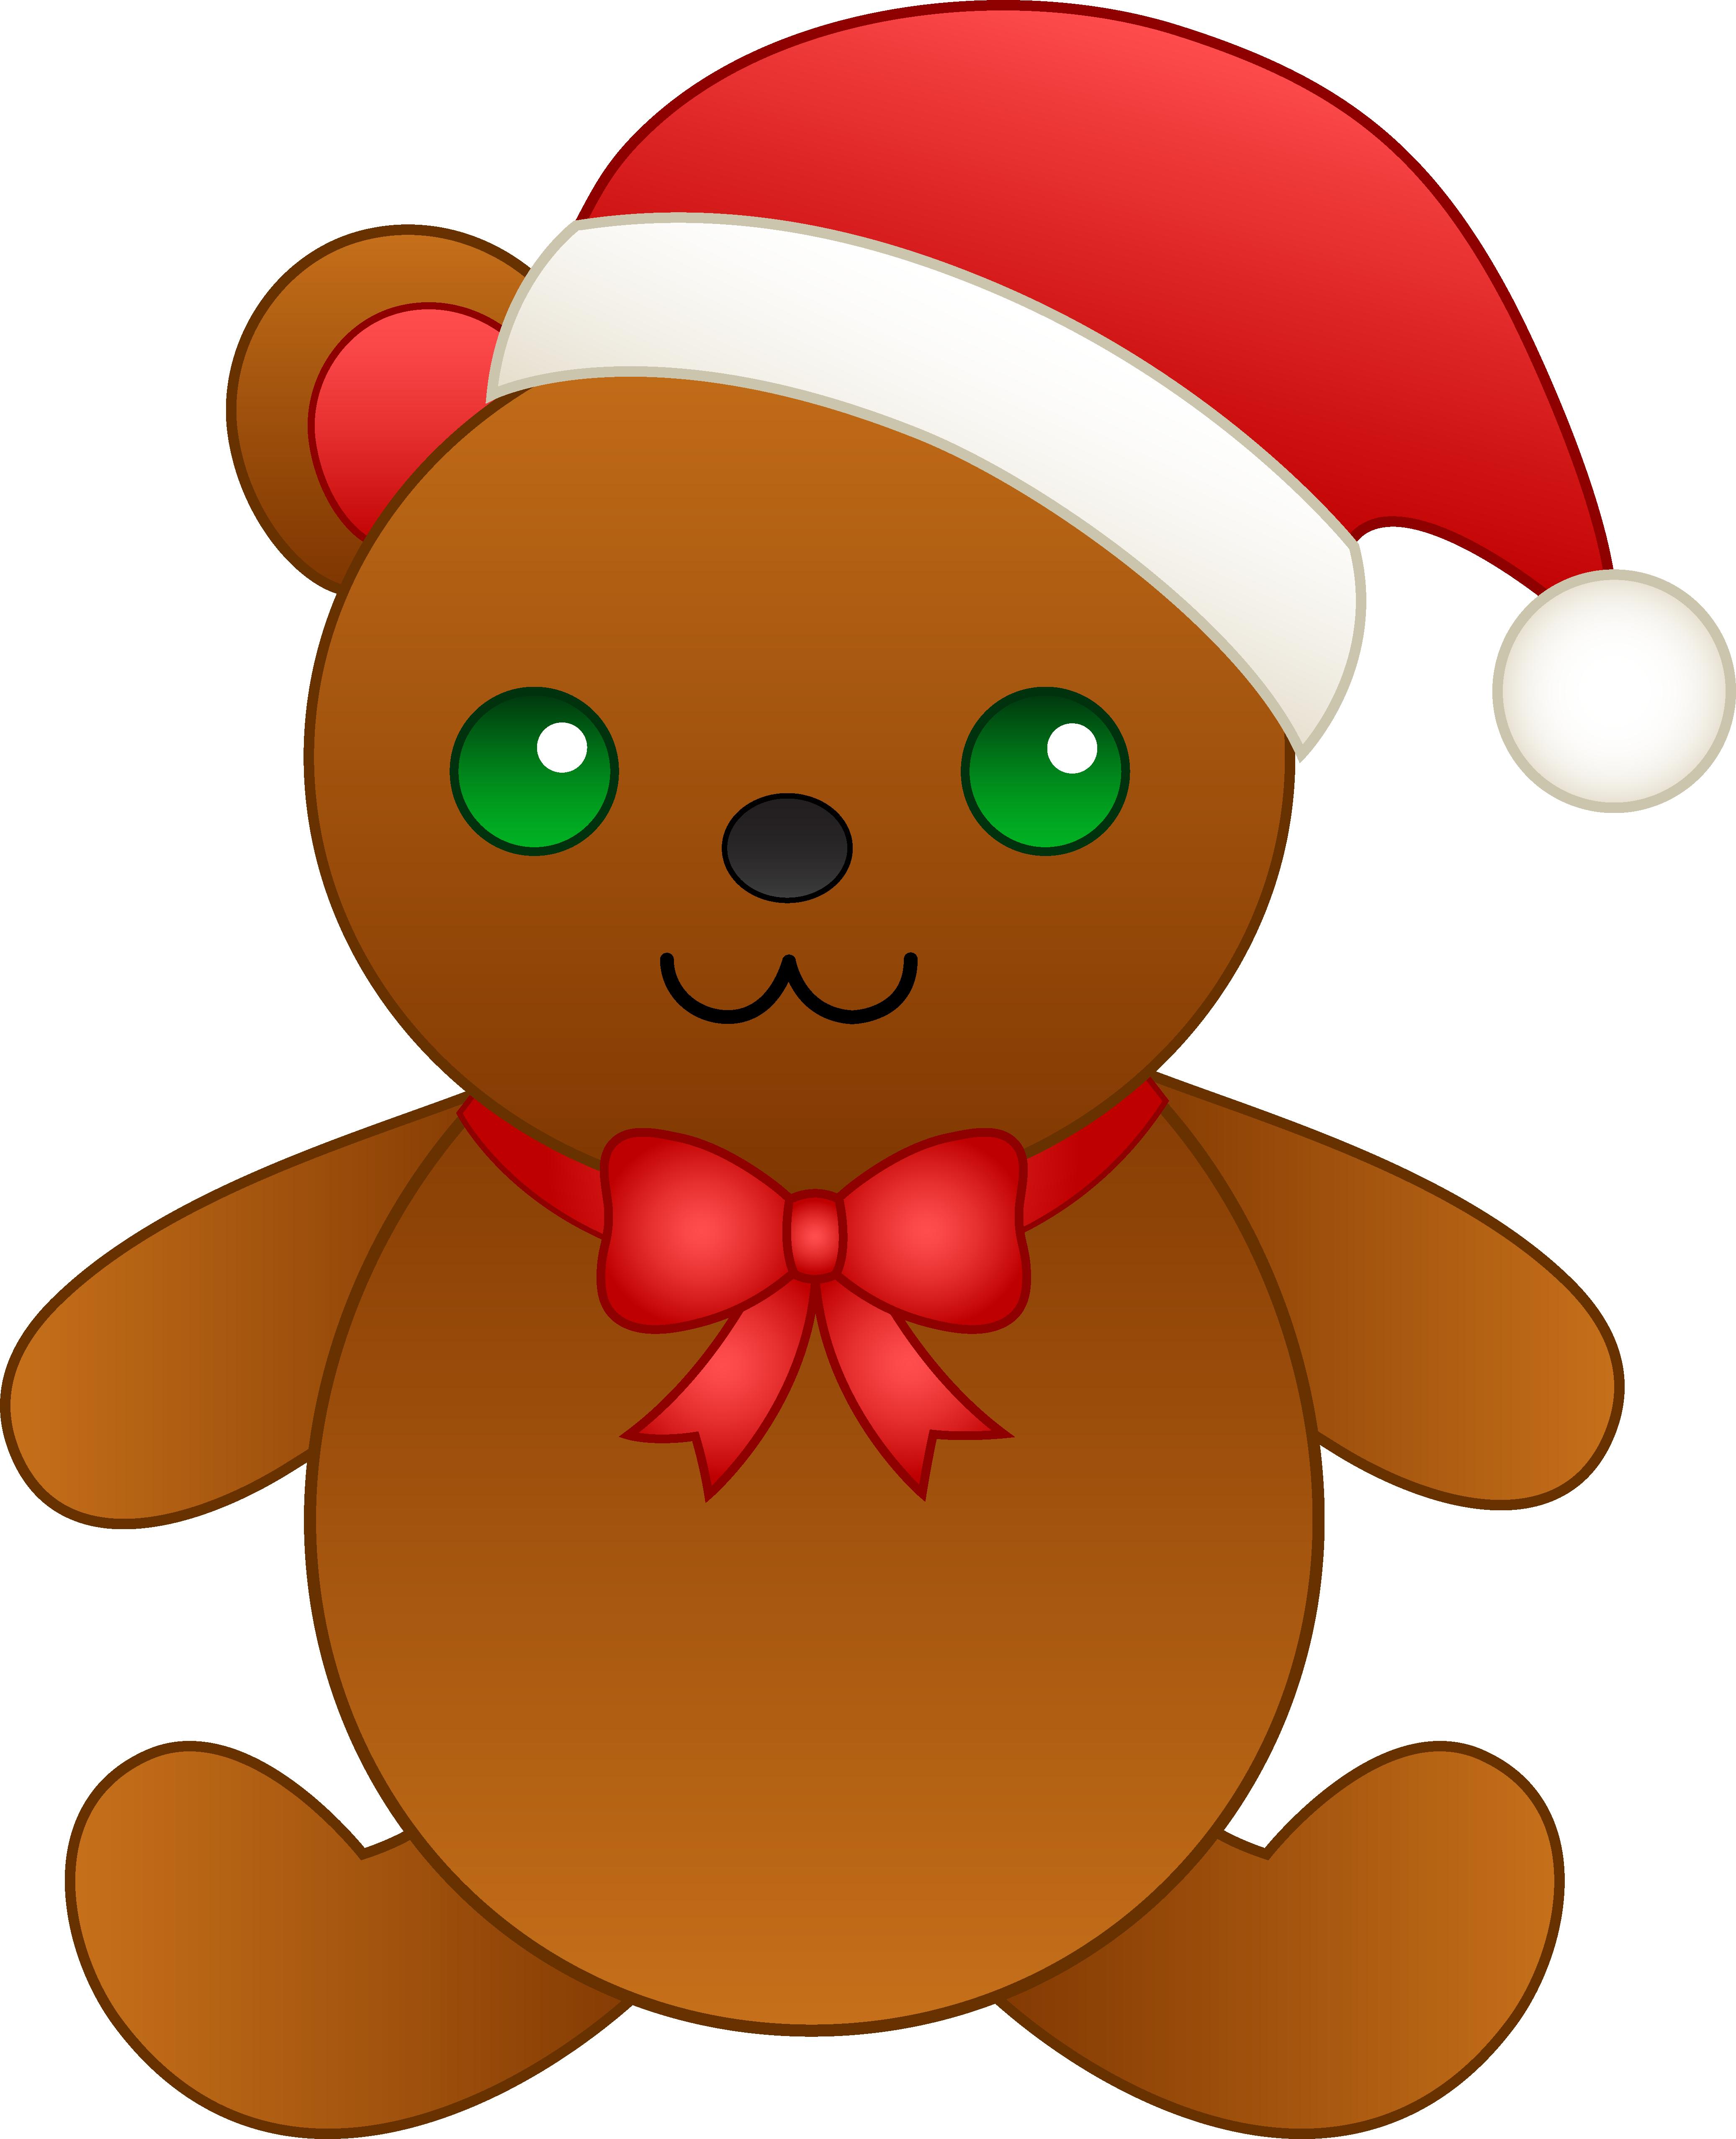 4147x5110 Christmas Teddy Bear With Santa Hat